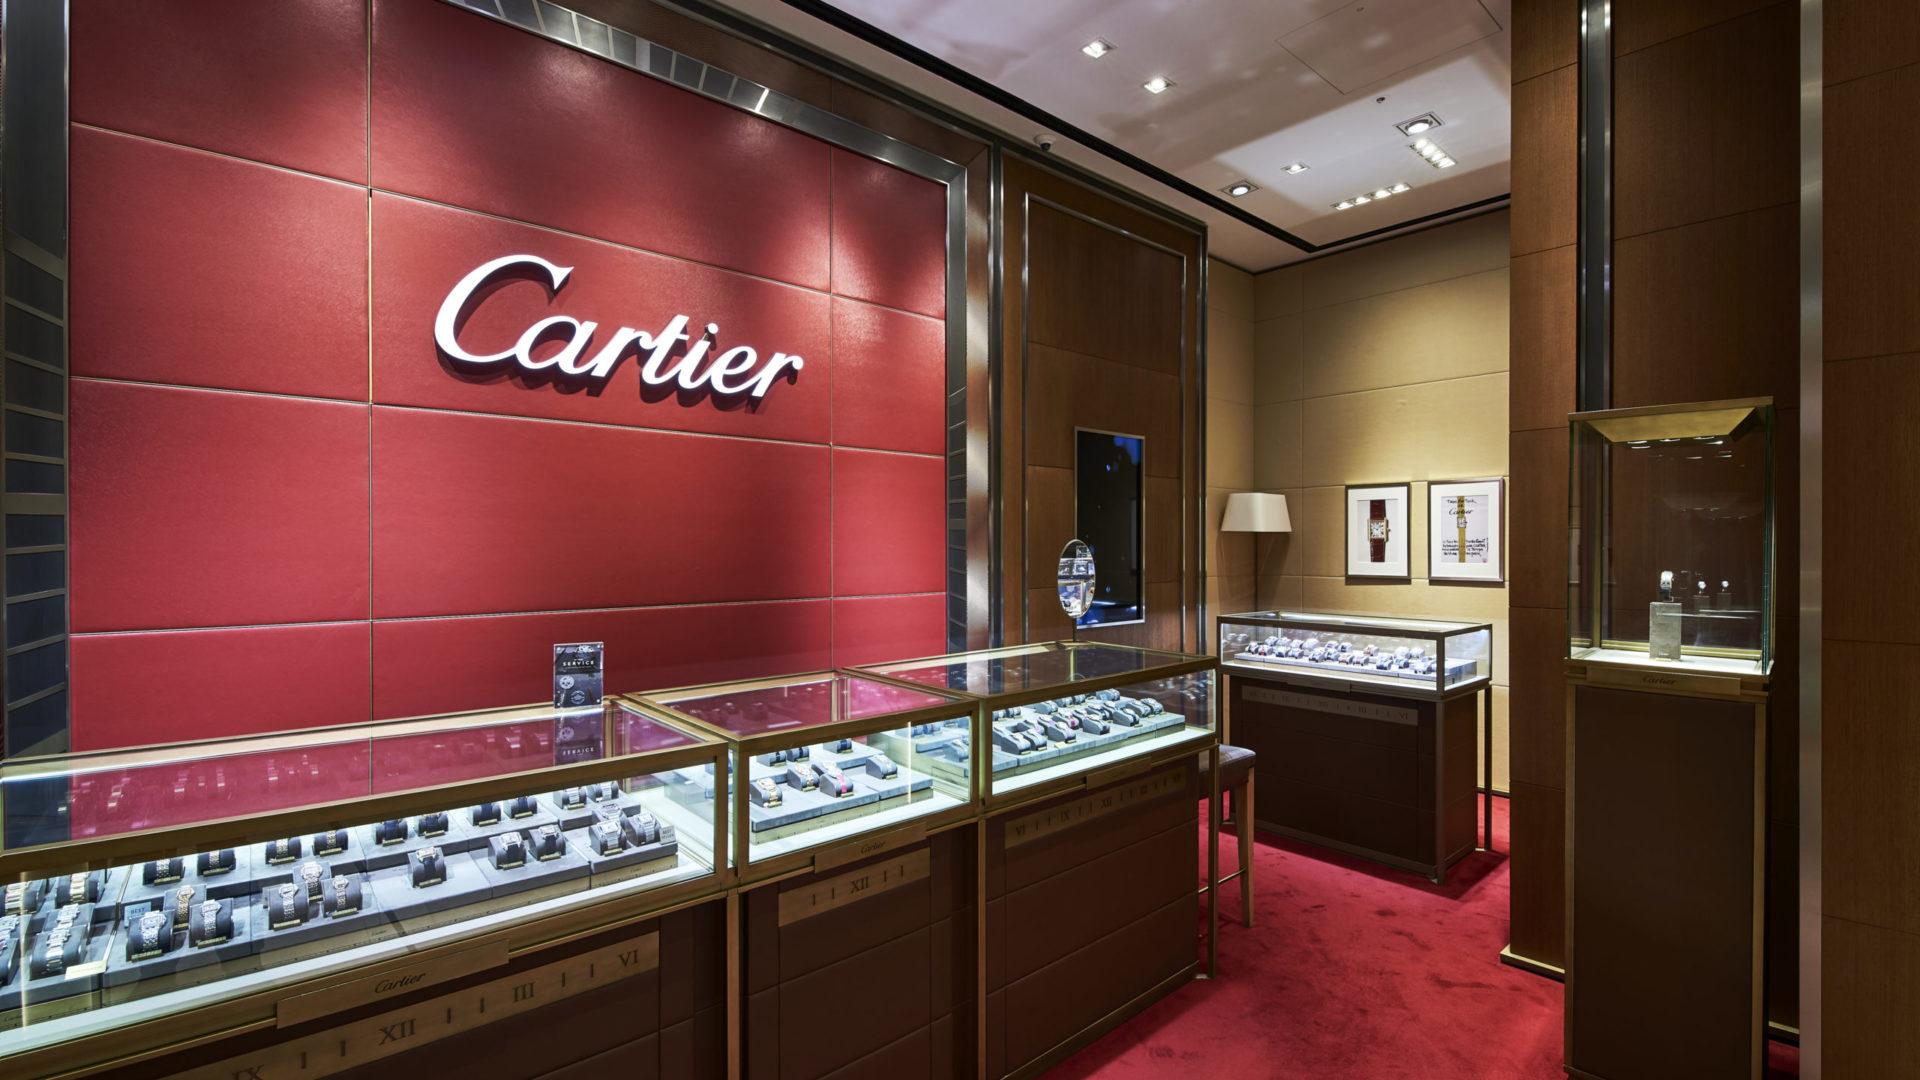 WoS Regent Street 461 Cartier 61